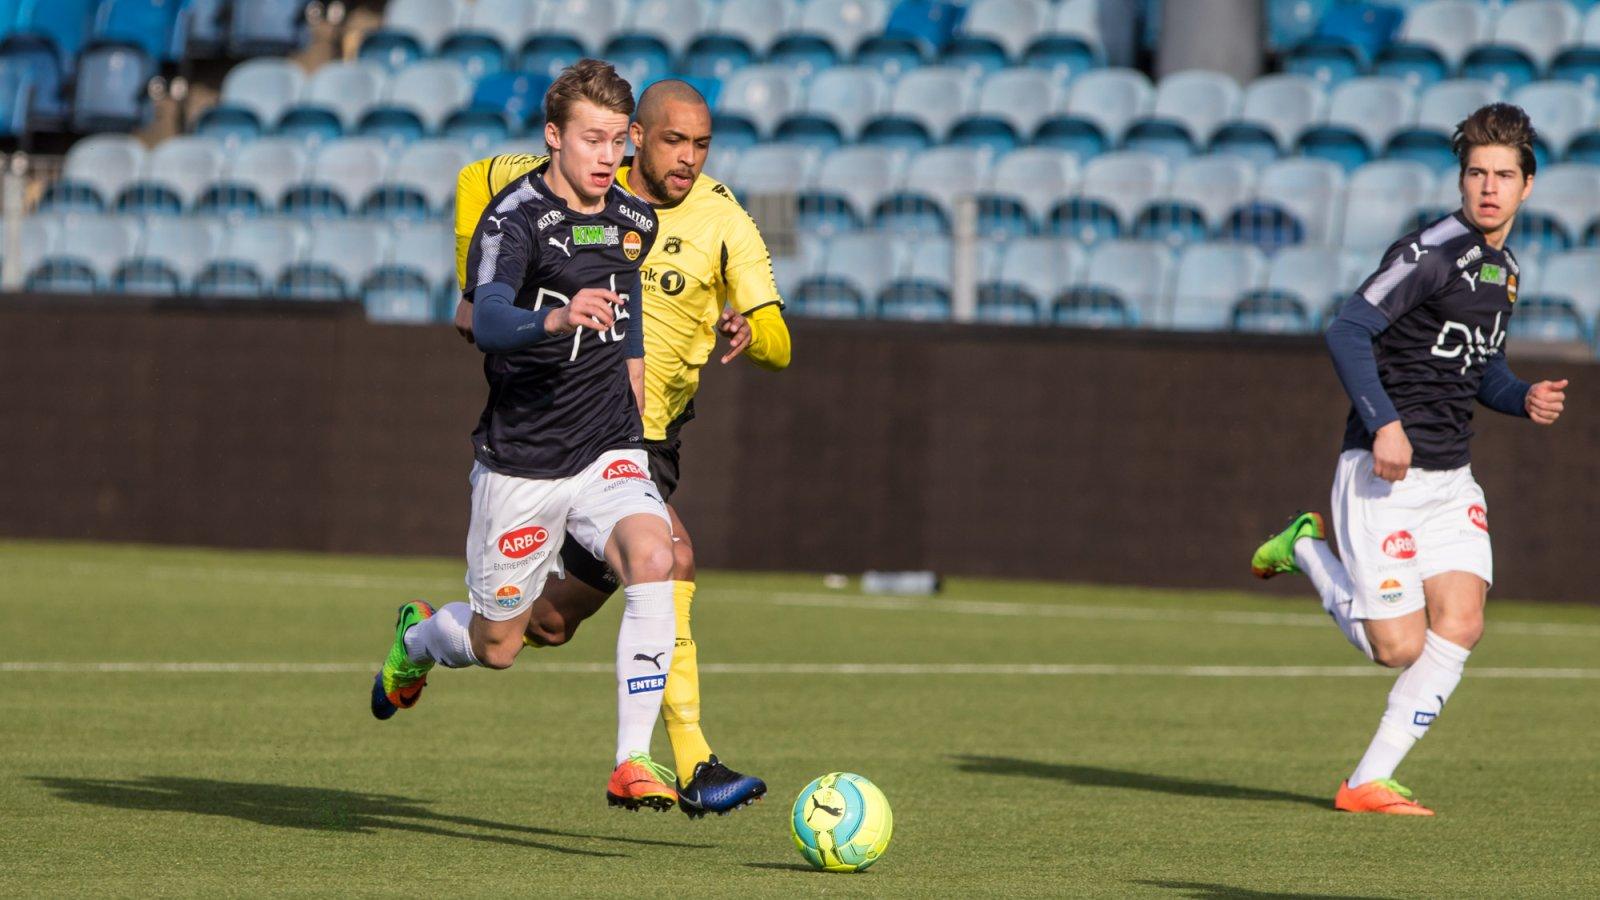 Team SIF - Moss FK 2-5, 18. april 2017: Magnus Lankhof Dahlby med Rene Aleksander Elshaug i ryggen. Kreshnik Krasniqi til høyre.